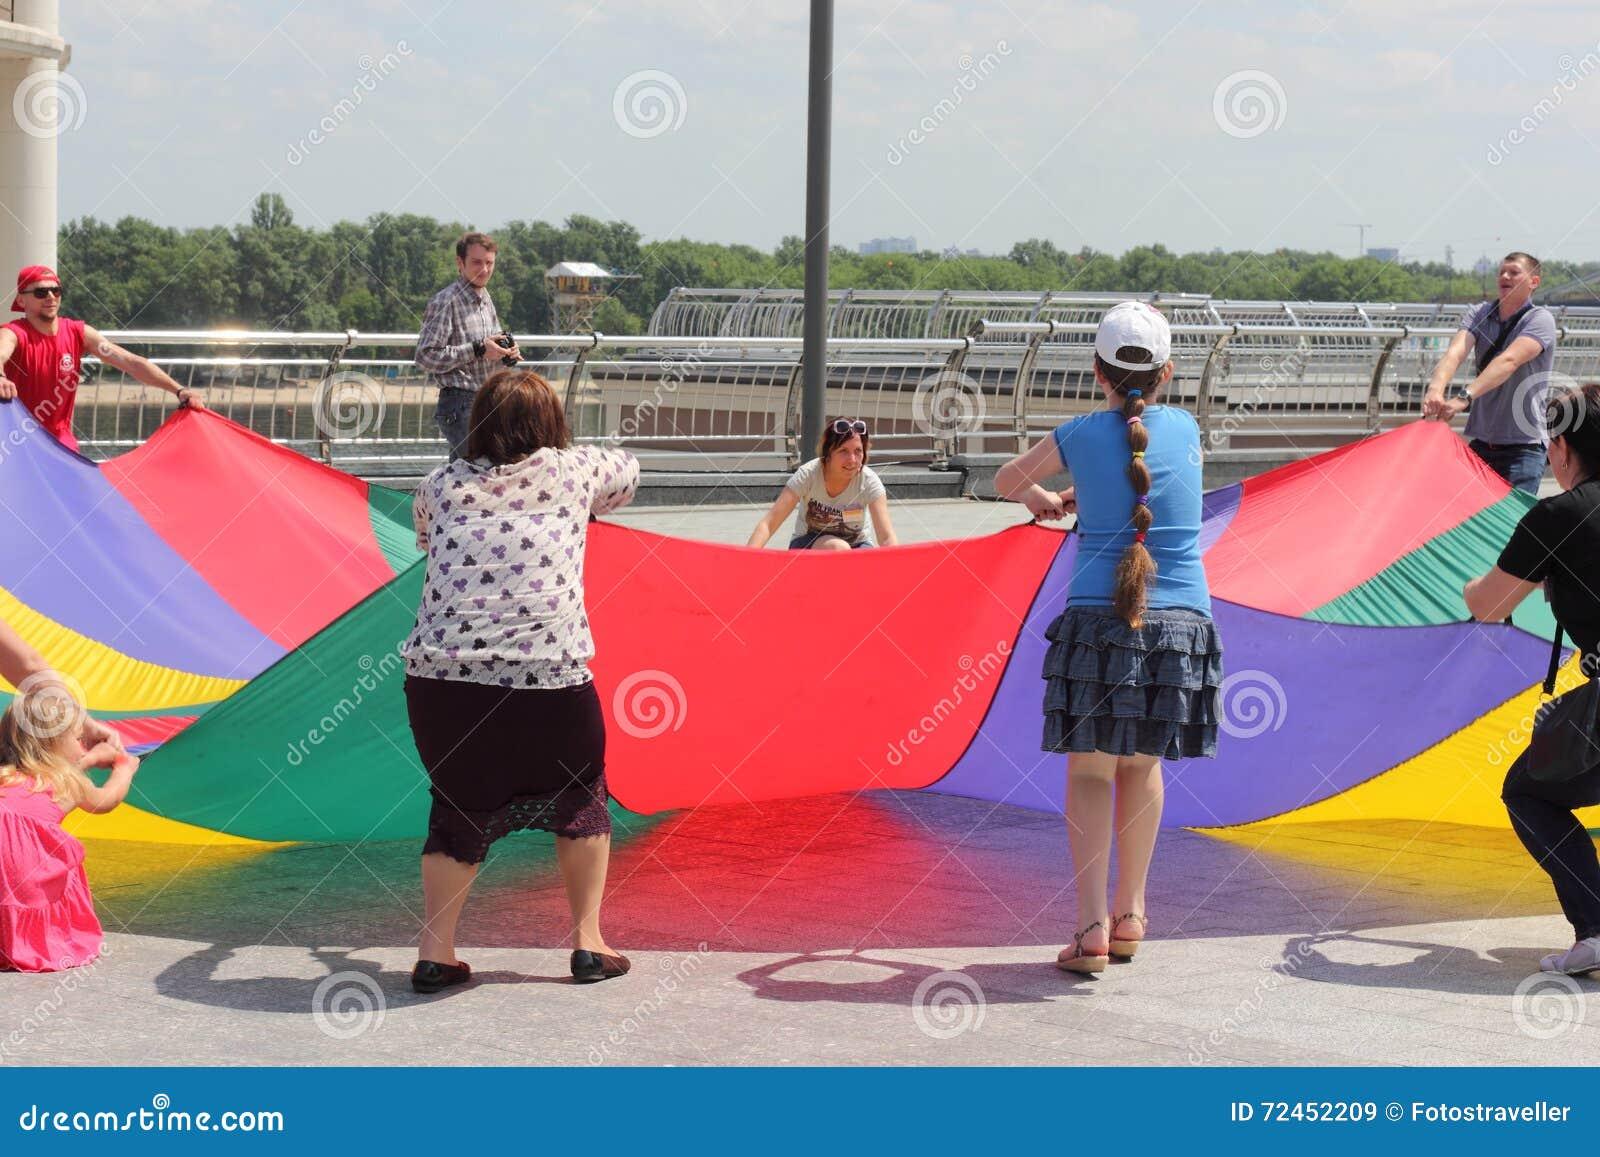 Juegos Activos Al Aire Libre Para La Familia Imagen De Archivo